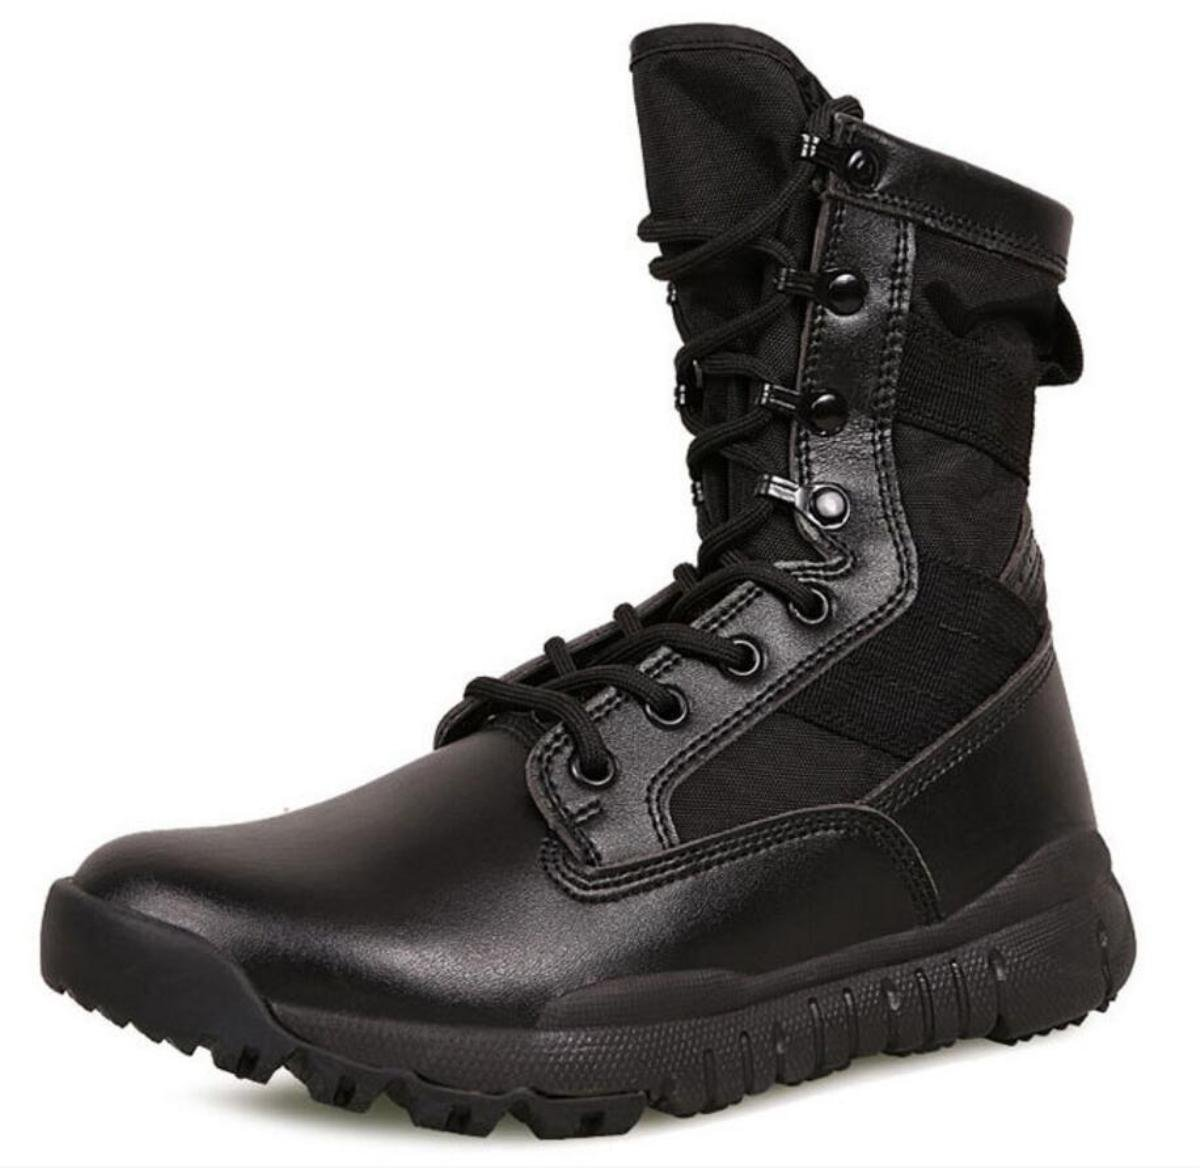 Neue Männer Stiefel Anti-Rutsch bequeme Outdoor Schuhe Größe 38-45 Schwarz